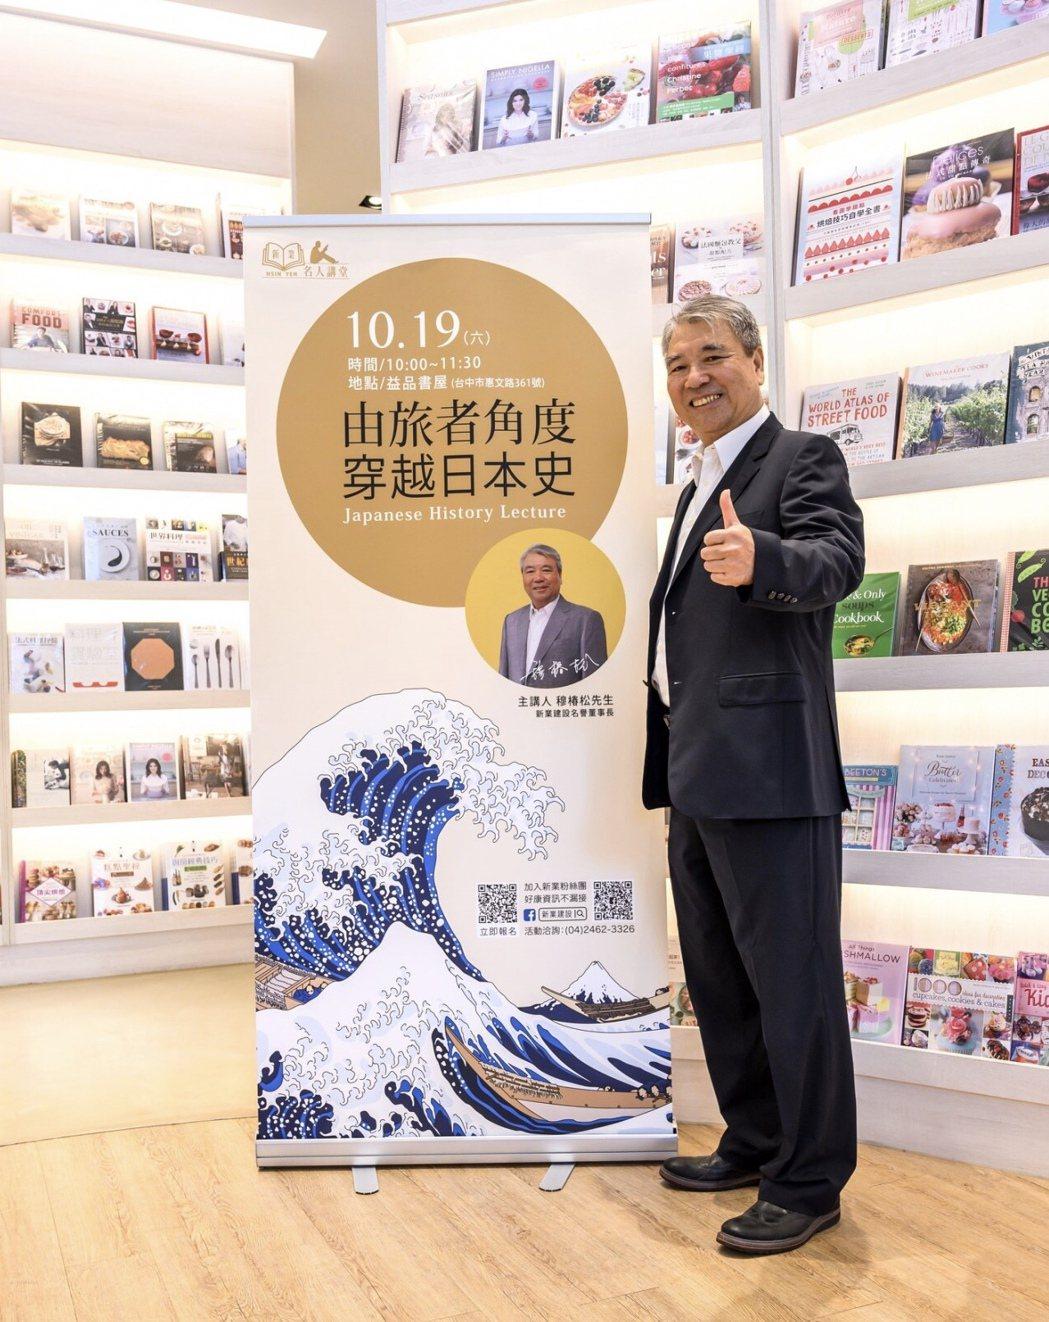 新業建設名譽董事長穆椿松當起「説書人」,在台中益品書屋舉辦首場分享會,暢談日本景...